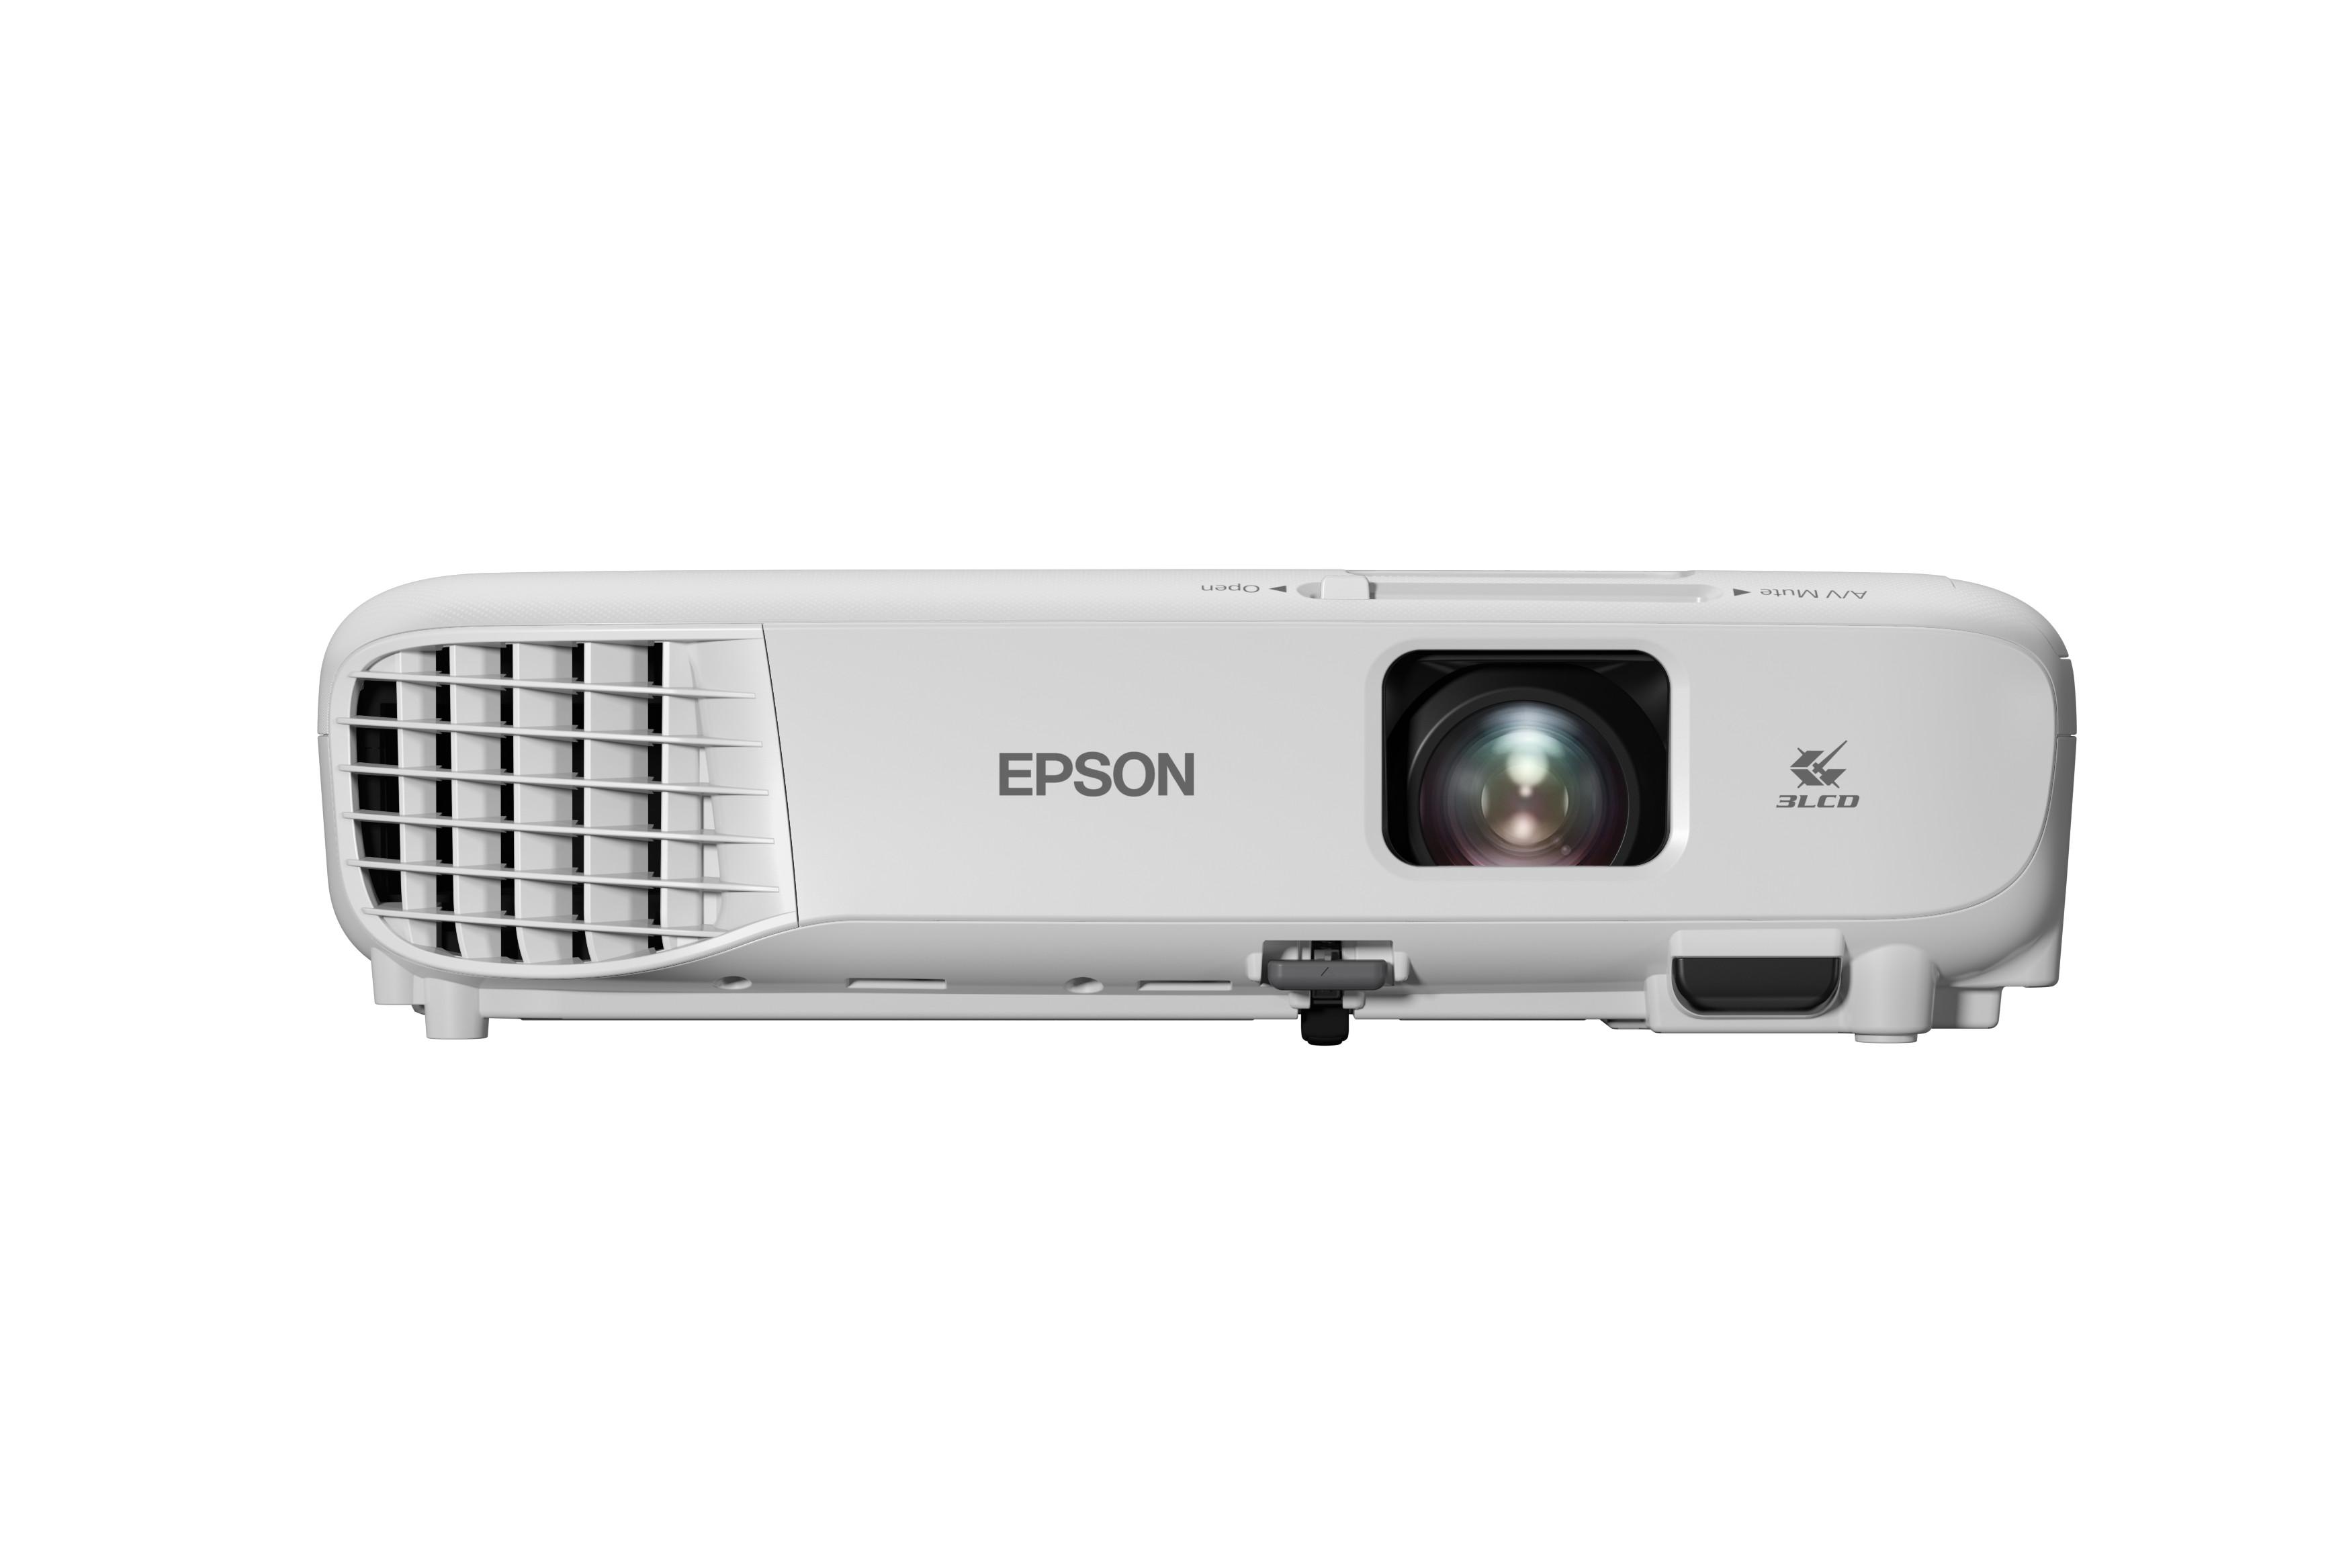 MÁY CHIẾU DOANH NGHIỆP EPSON EB-X05 - HÀNG CHÍNH HÃNG